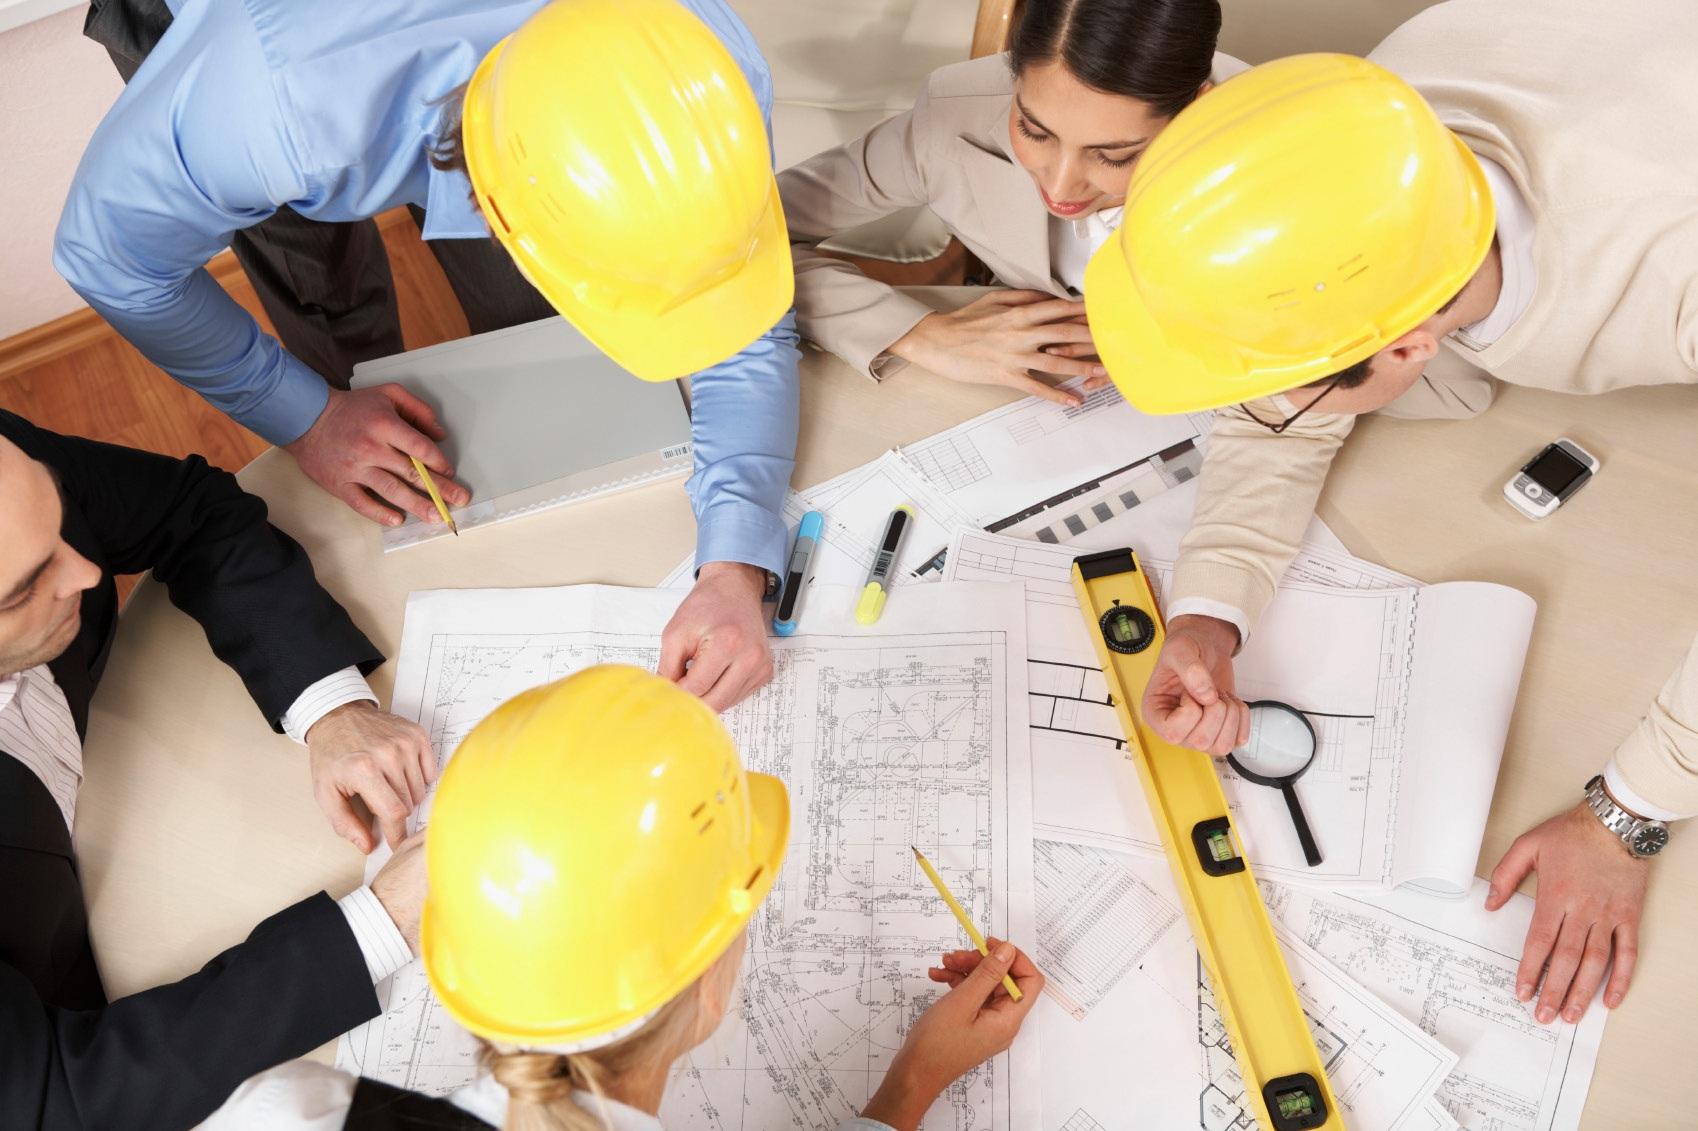 Cách tính mức lương kỹ sư xây dựng trung bình hiện nay